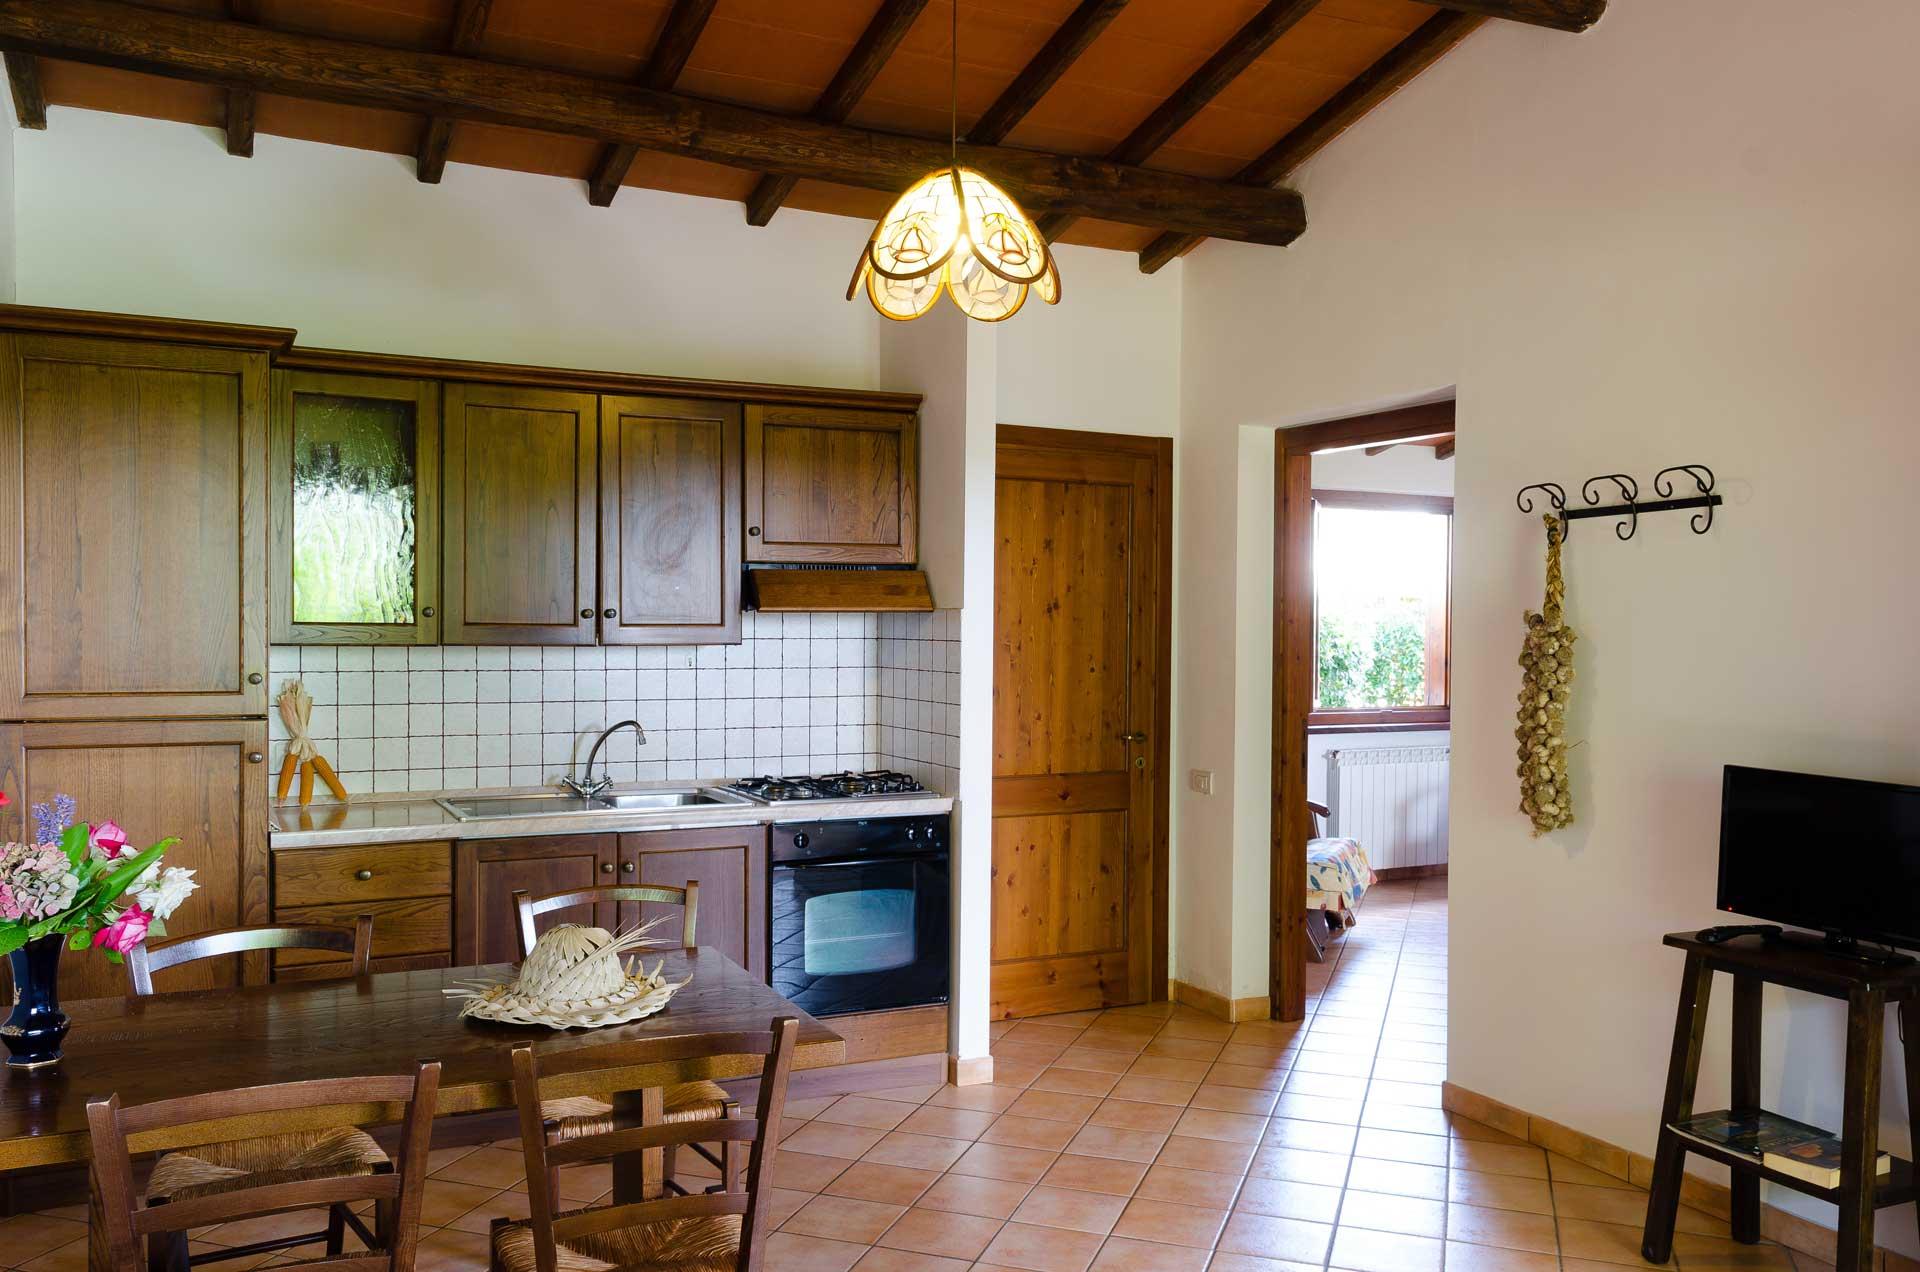 Appartamenti lago di bolsena agriturismo dolce vita con piscina e parcheggio coperto - Appartamenti con piscina ...